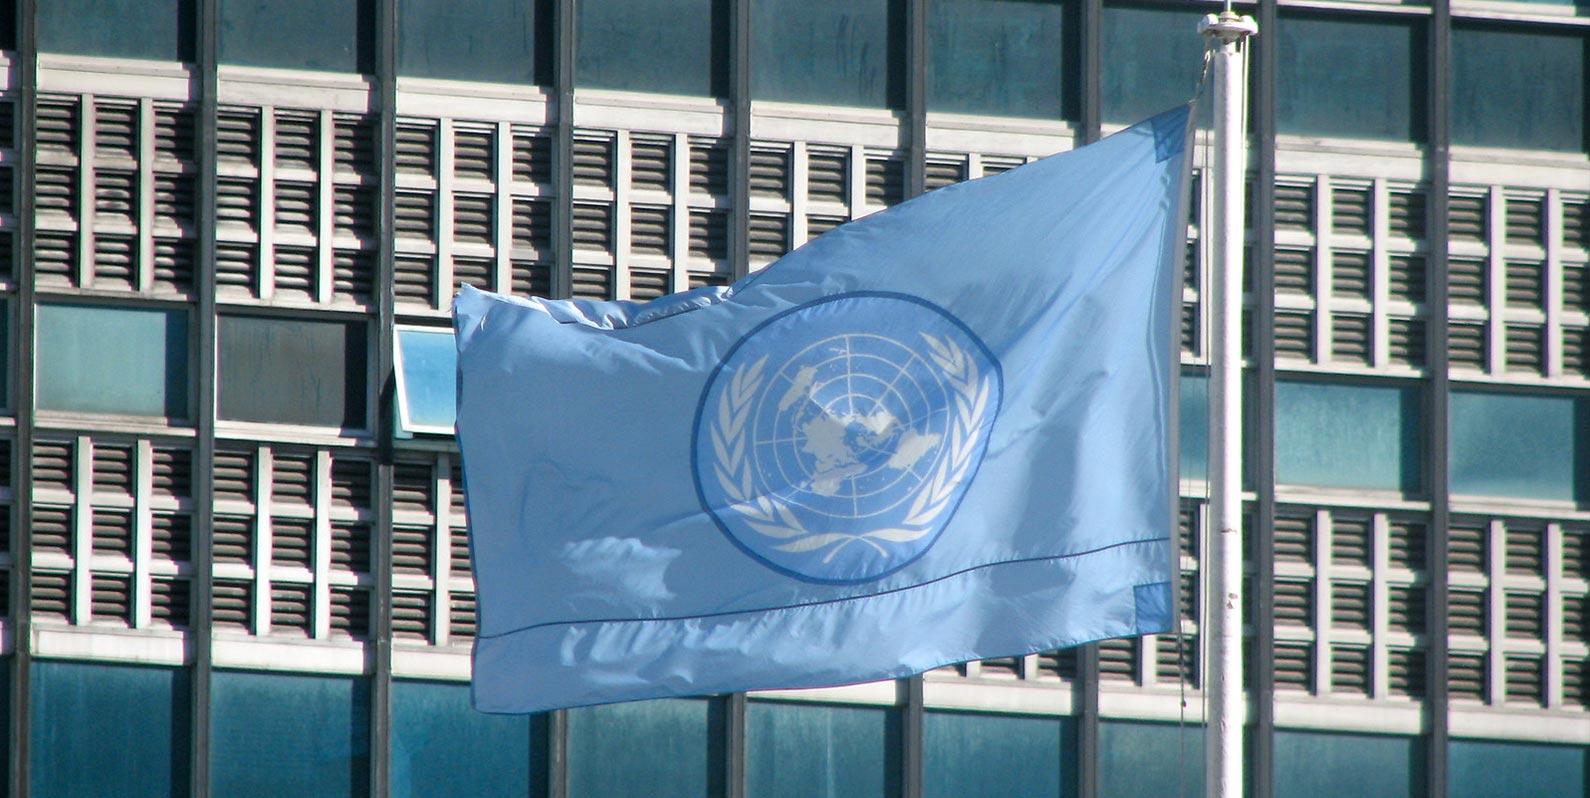 A Organização das Nações Unidas (ONU) trabalha em uma nova ferramenta de simulação por computador que poderia impulsionar o desenvolvimento global